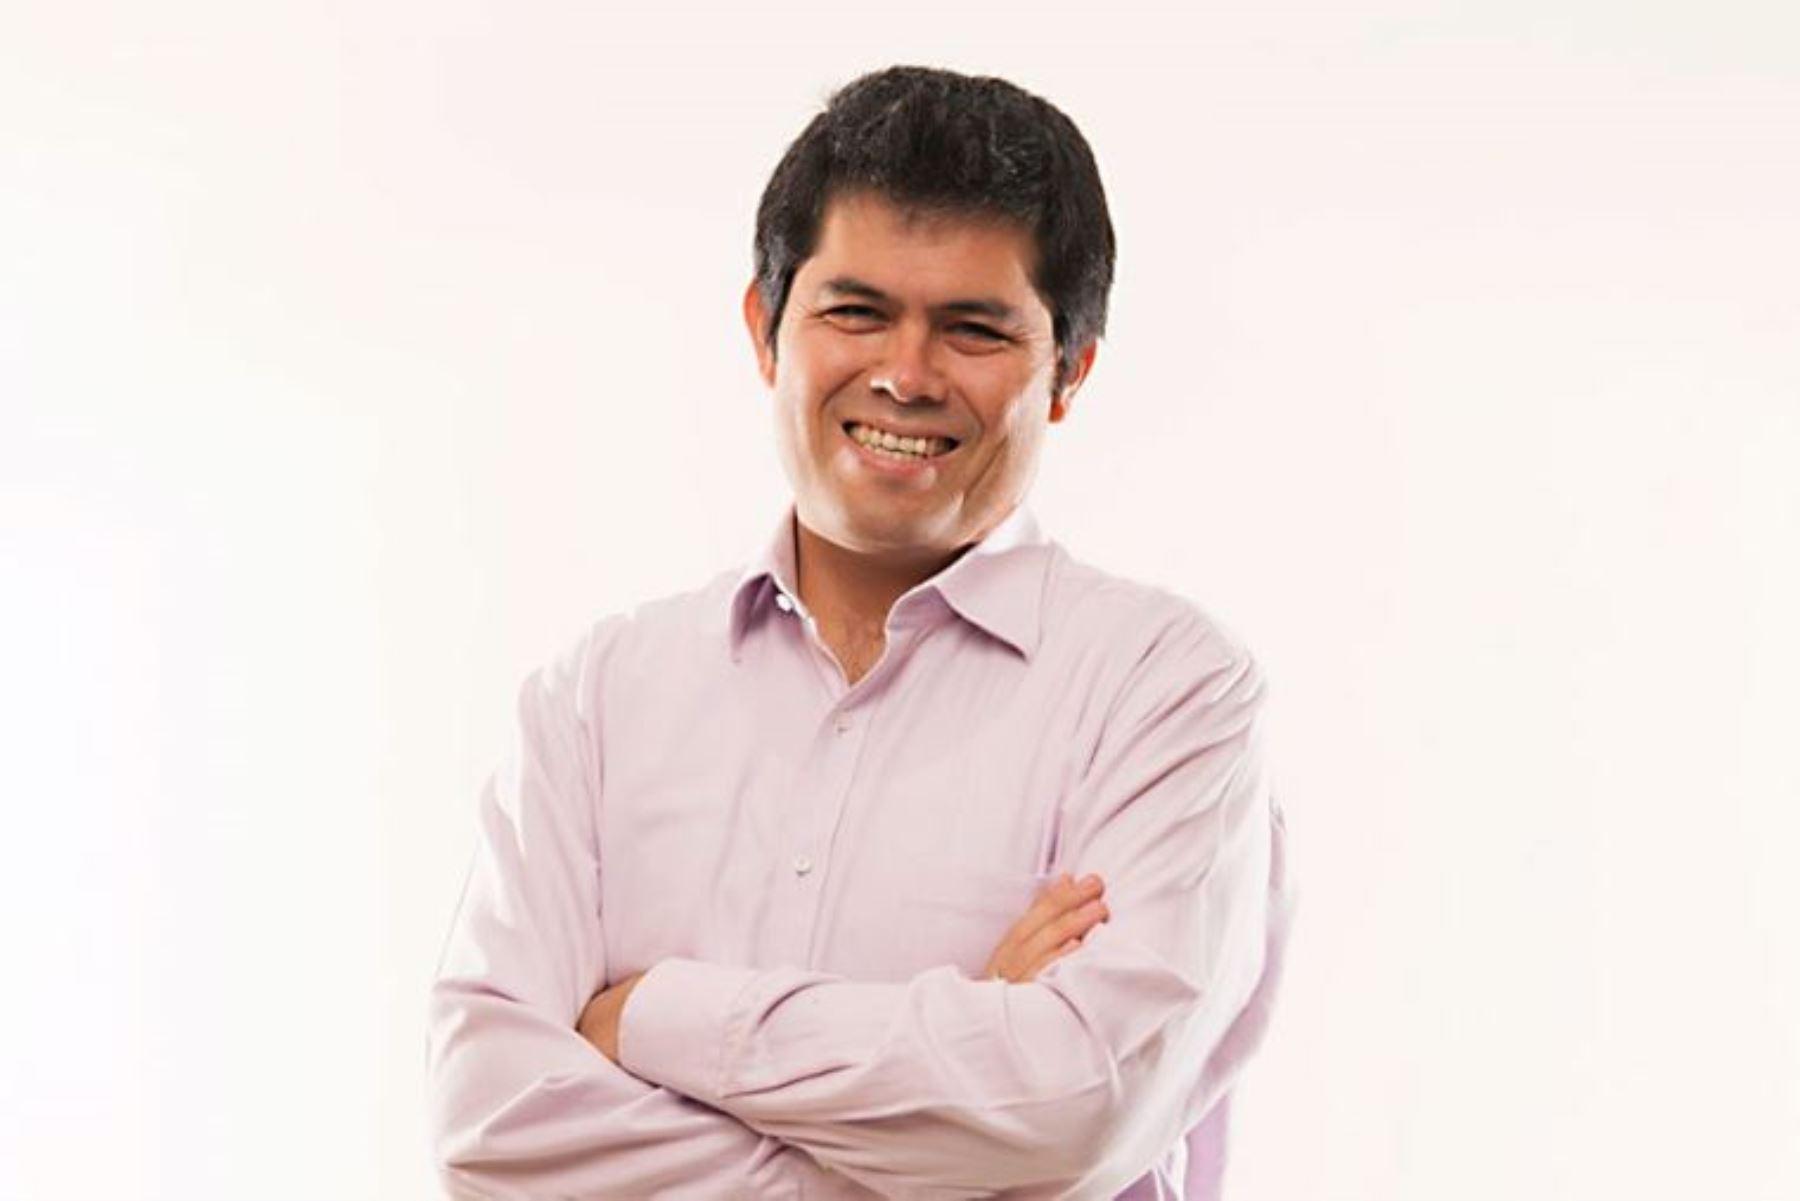 El destacado profesional Jaime Miranda hizo sus estudios de pregrado en Medicina en la Universidad Peruana Cayetano Heredia y se recibió en el 2003. Foto: ANDINA/DOP